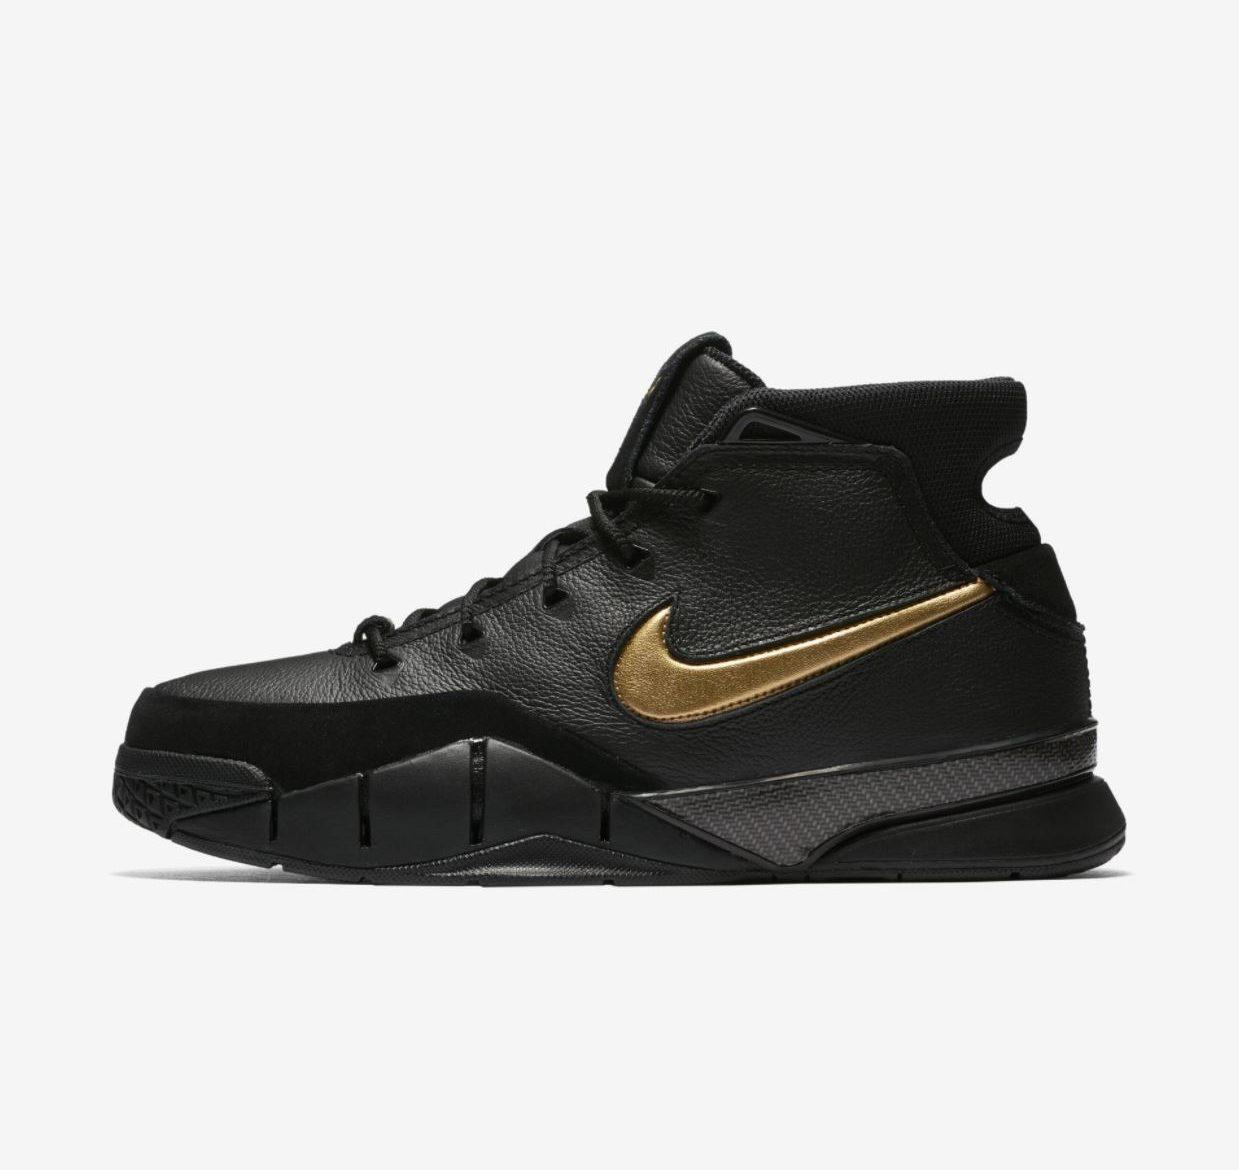 The Nike Kobe 1 Protro 'Mamba Day' is